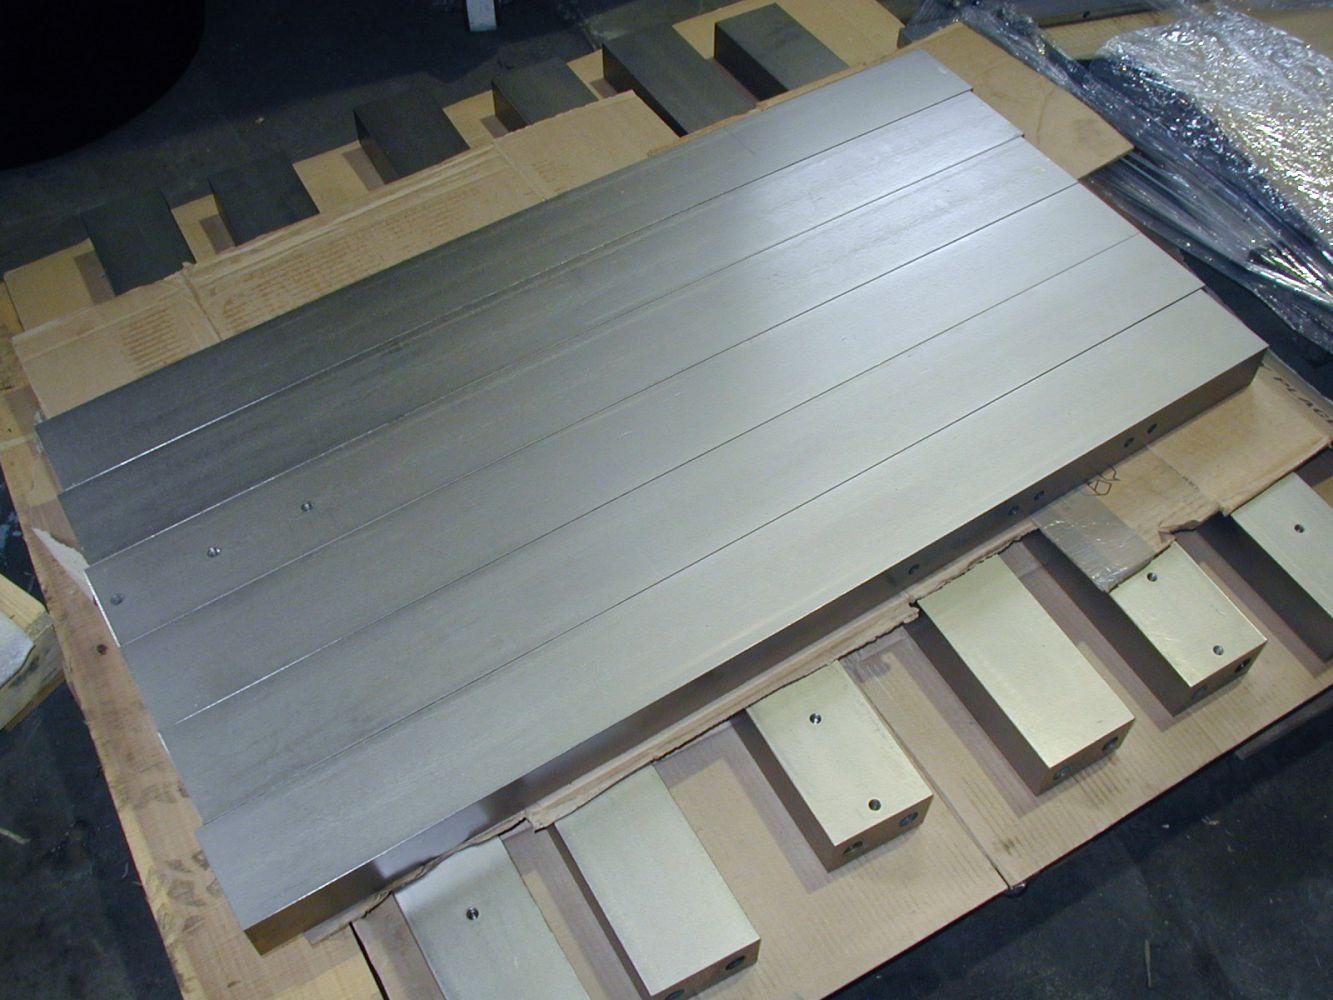 Electroless nickel plating in Cincinnati, OH